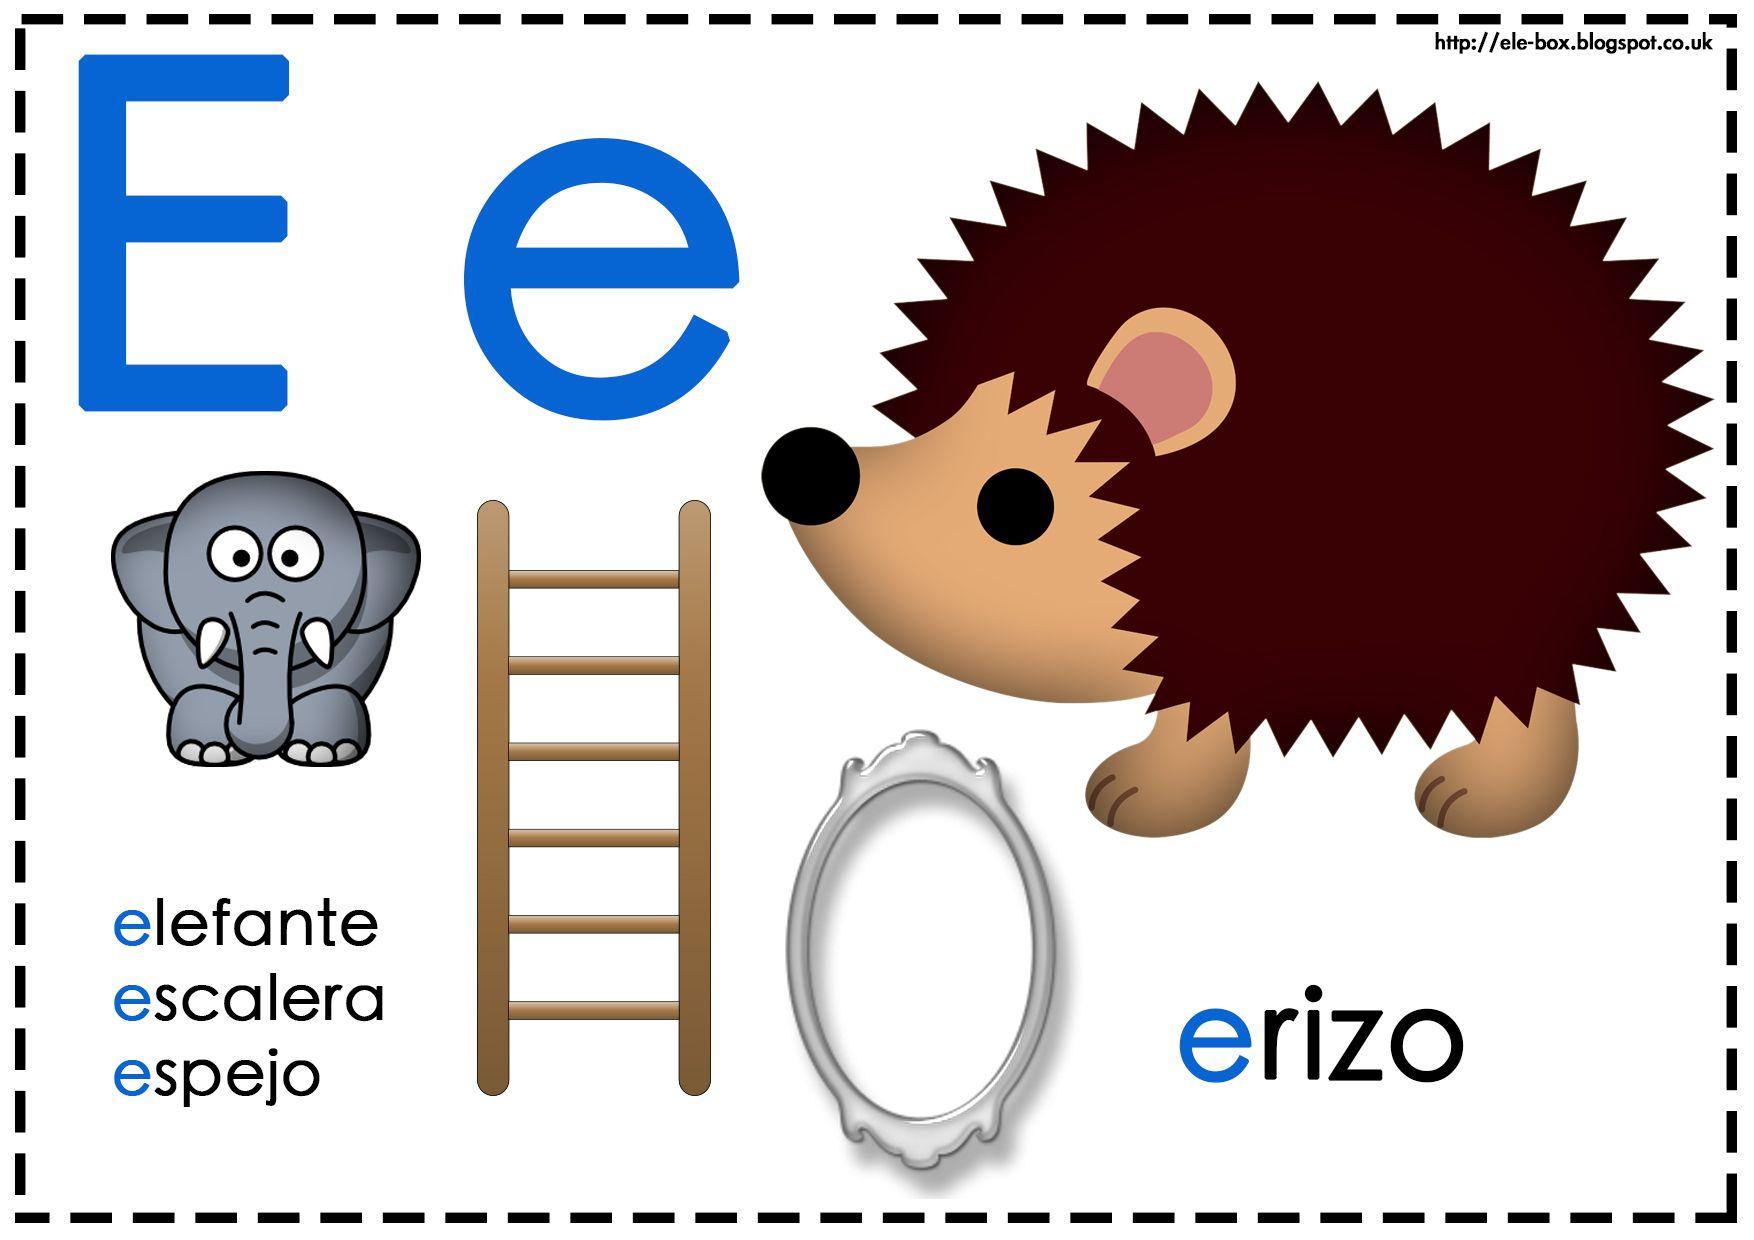 Asociamos Los Sonidos Con Las Grafías Convencionales Letra E La Pedagogía Montessori Material Didactico Para Niños Reglas De Escritura Abecedario Infantil